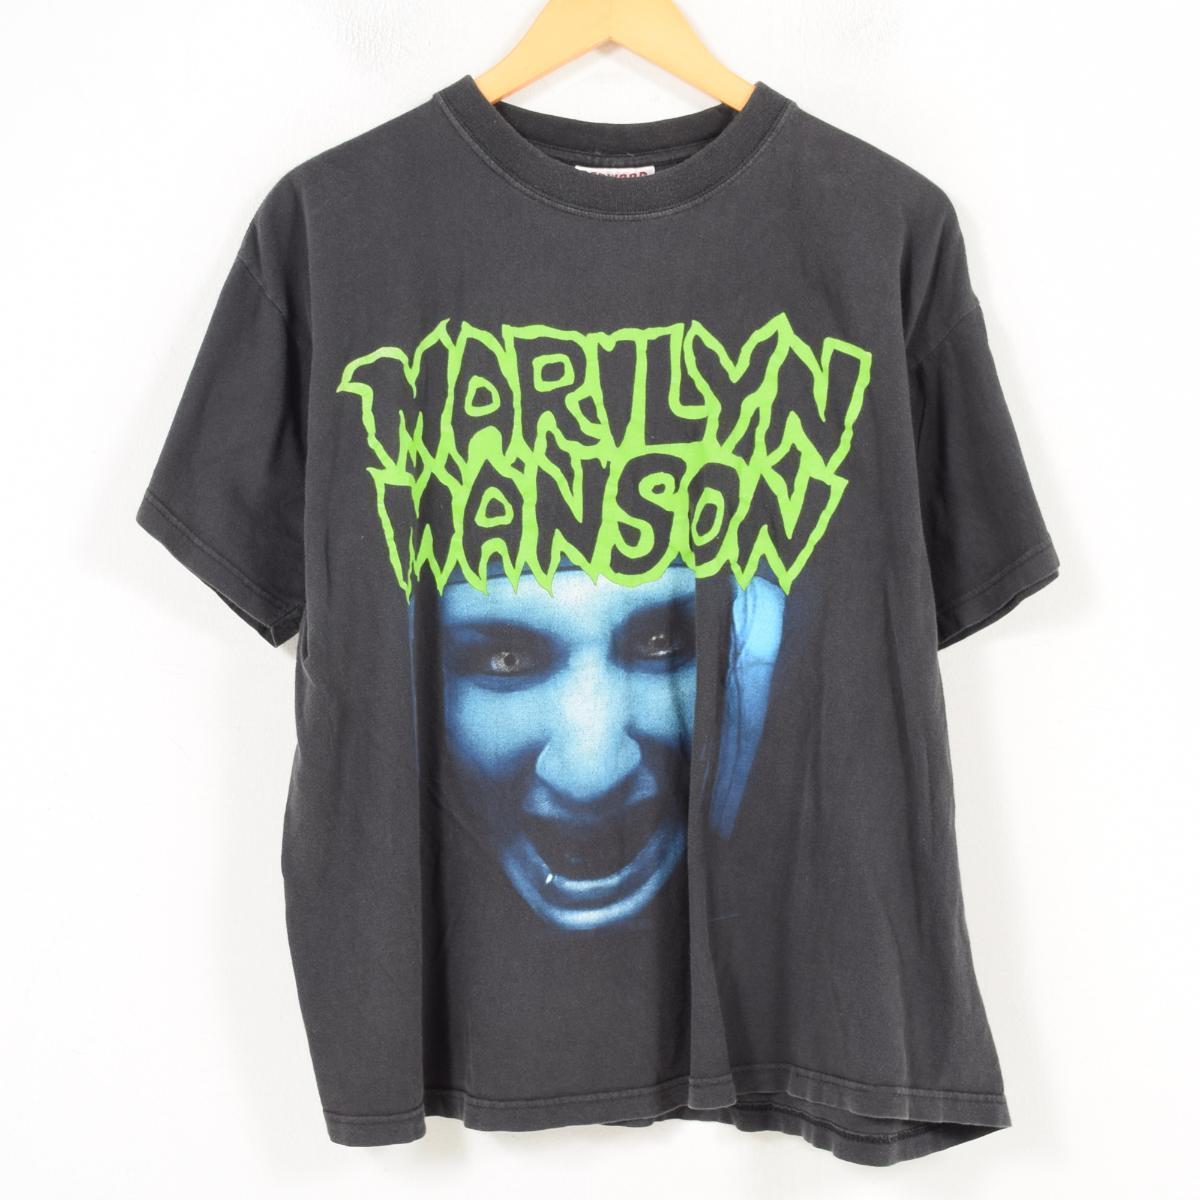 90年代 REDWOOD MARILYN MANSON マリリンマンソン バンドTシャツ メンズL /wao5257 【中古】【古着屋JAM】【古着屋JAM】【n1802】 【180219】